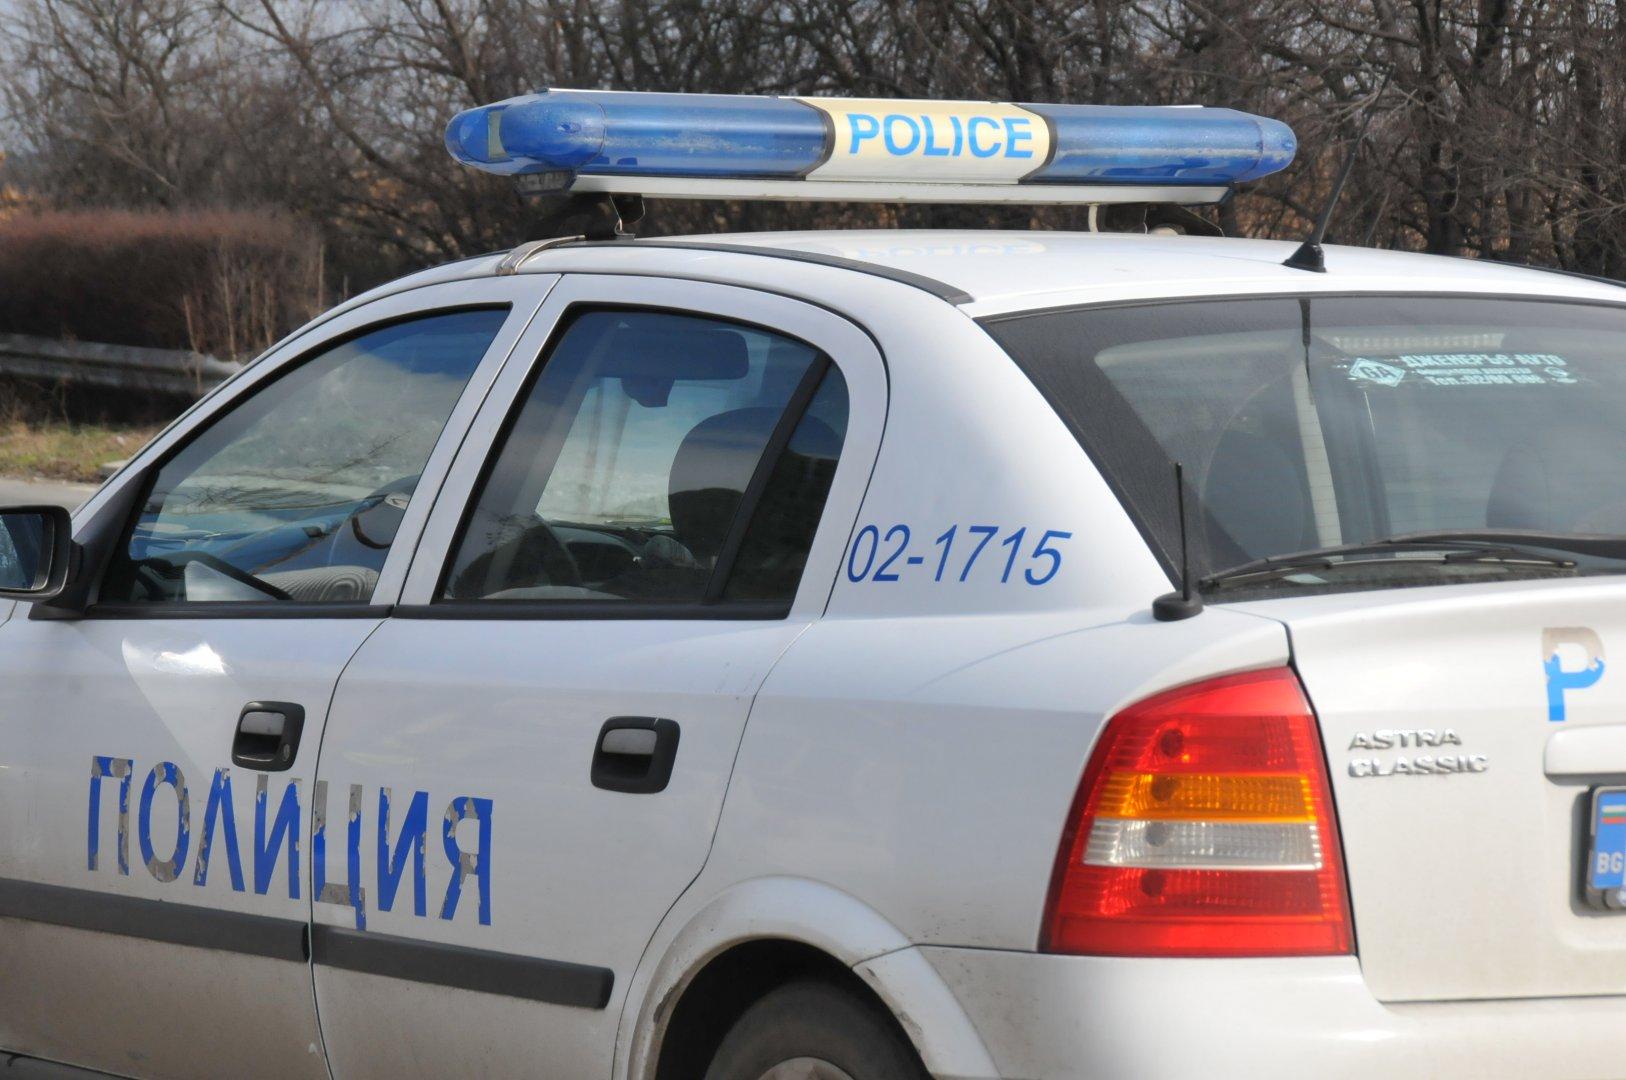 Работата по случая продължава от Районно управление - Камено. Снимка Архив Черноморие-бг